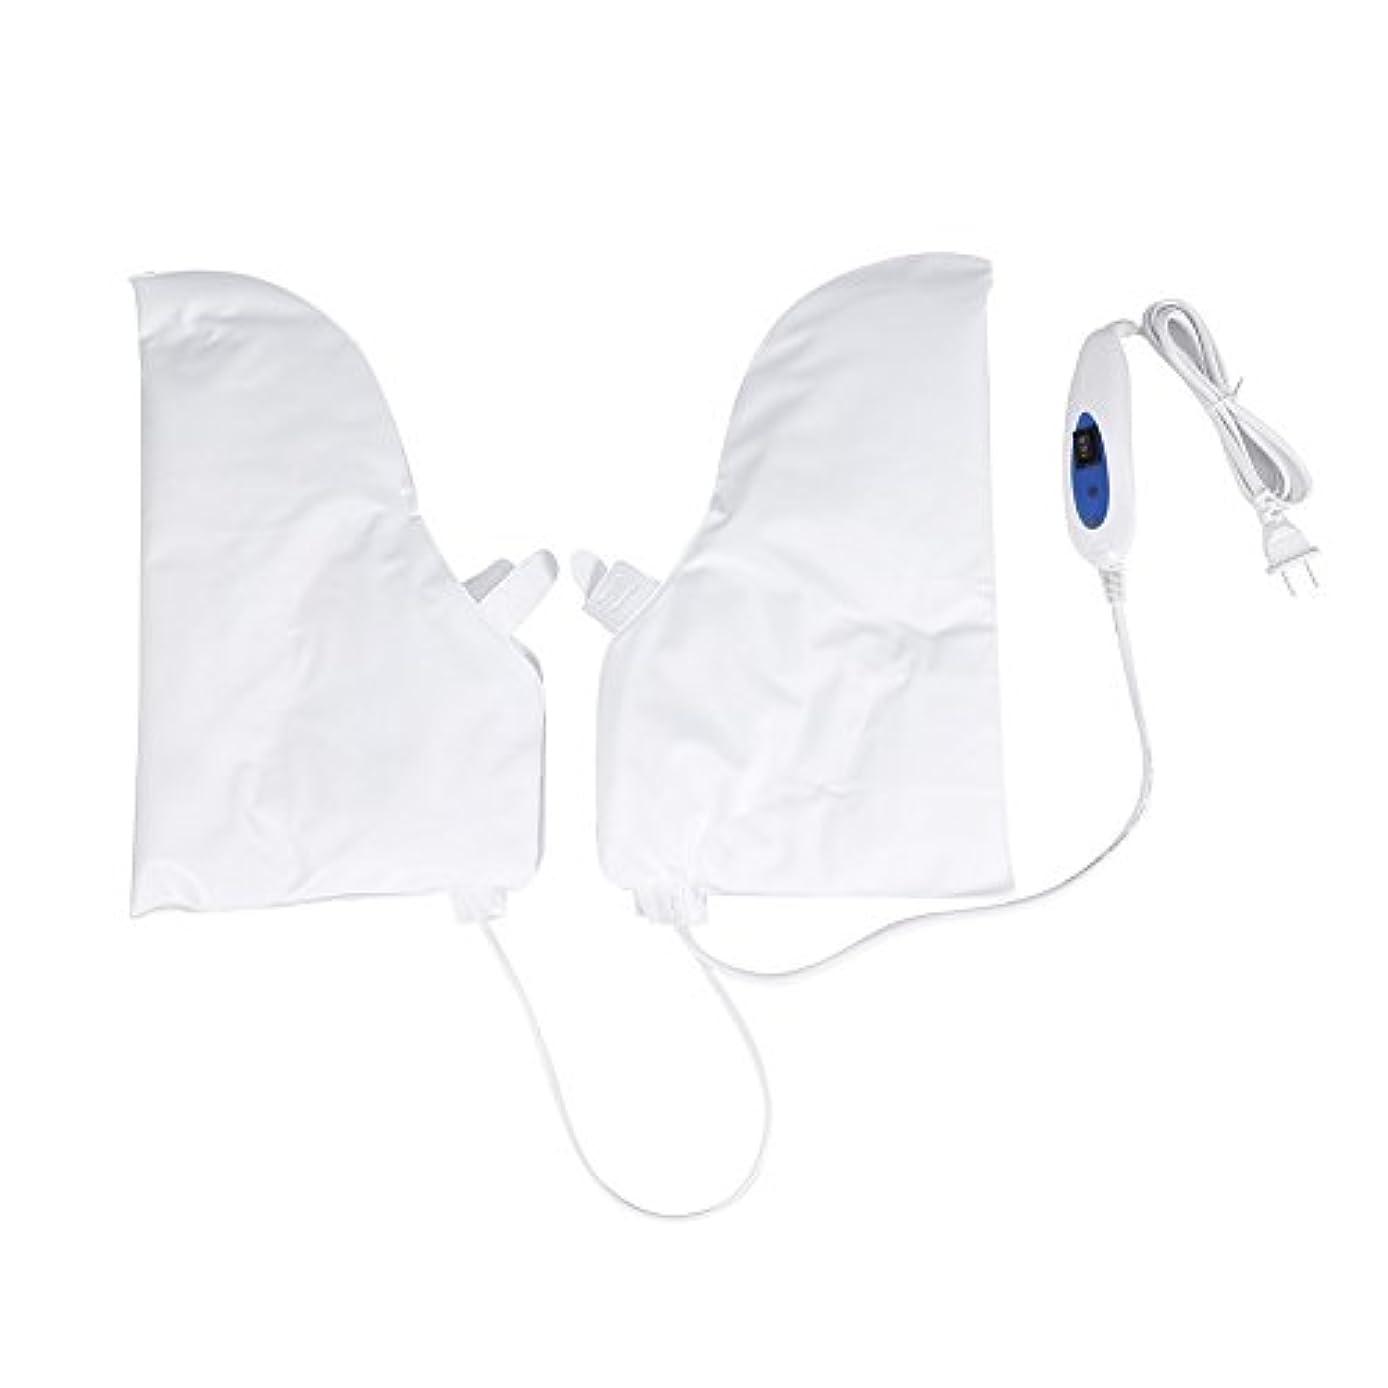 領事館薄暗い休眠蒸し手袋 ハンドマスク 保湿グローブ 電熱手袋 ヒートグローブ 加熱式 電熱 手ケア ハンドケア 2つ加熱モード 乾燥対策 手荒れ対策 補水 保湿 美白 しっとり 美容 手袋